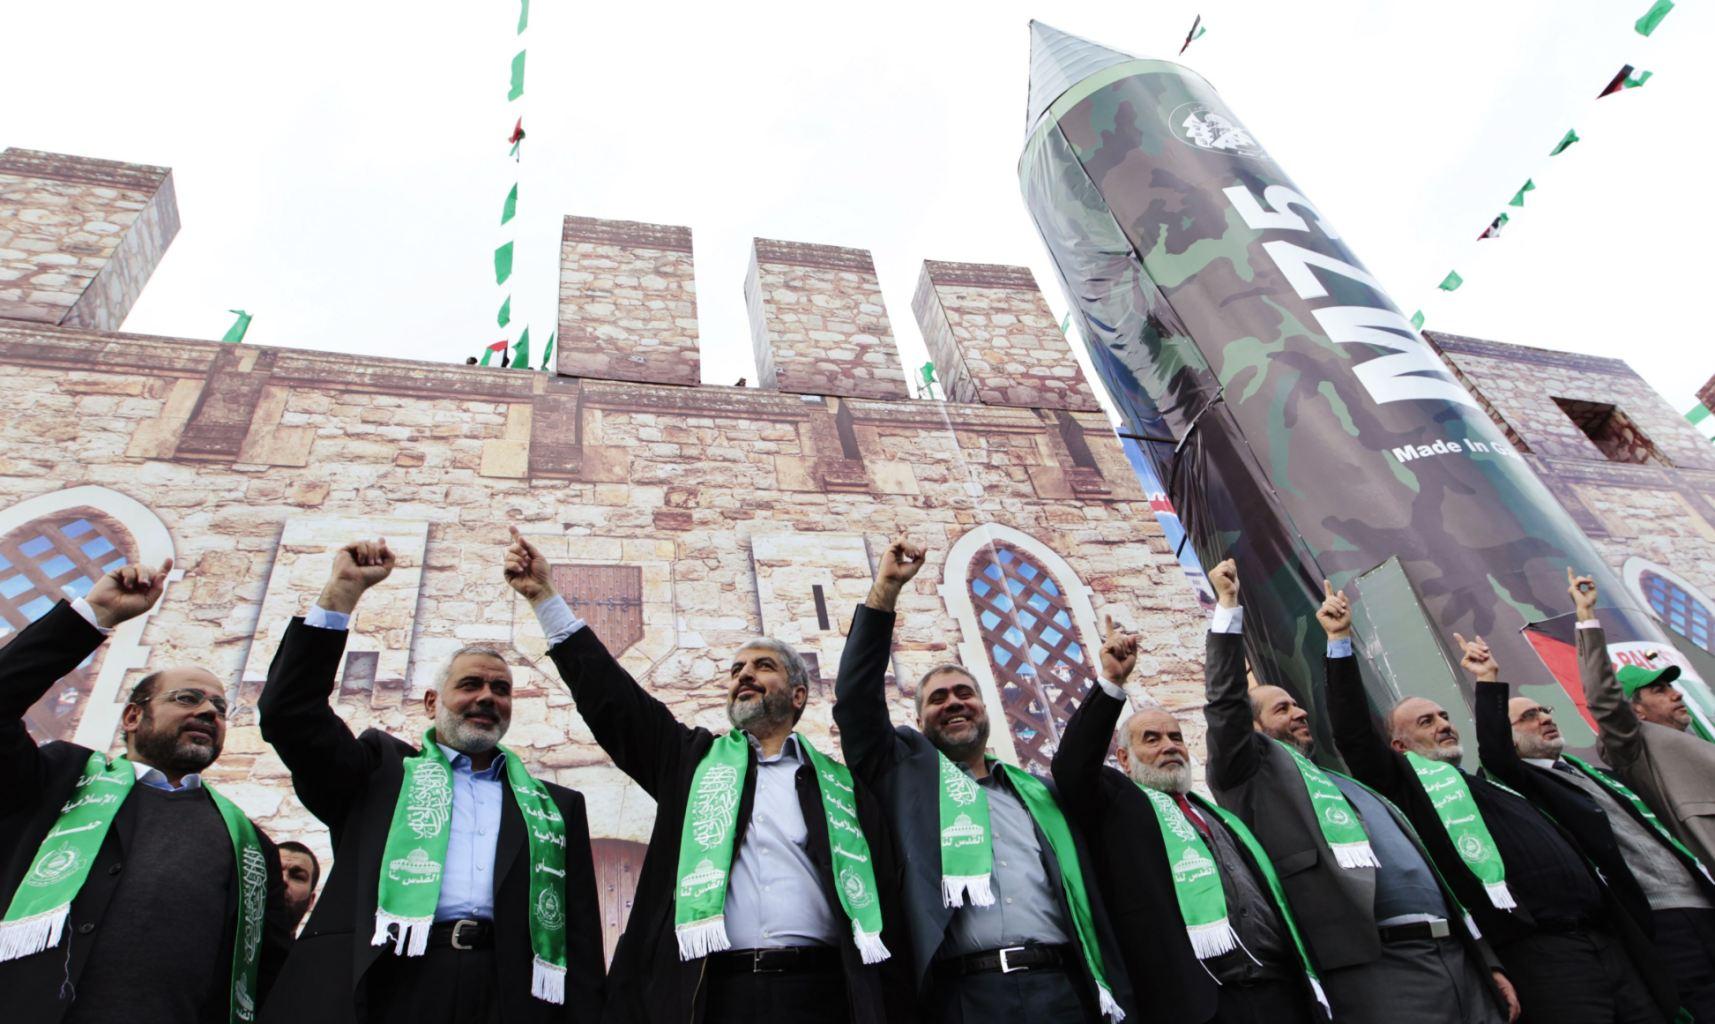 حماس تدعو لإعادة النظر باتفاق أوسلو بعد 24 عاما على توقيعه